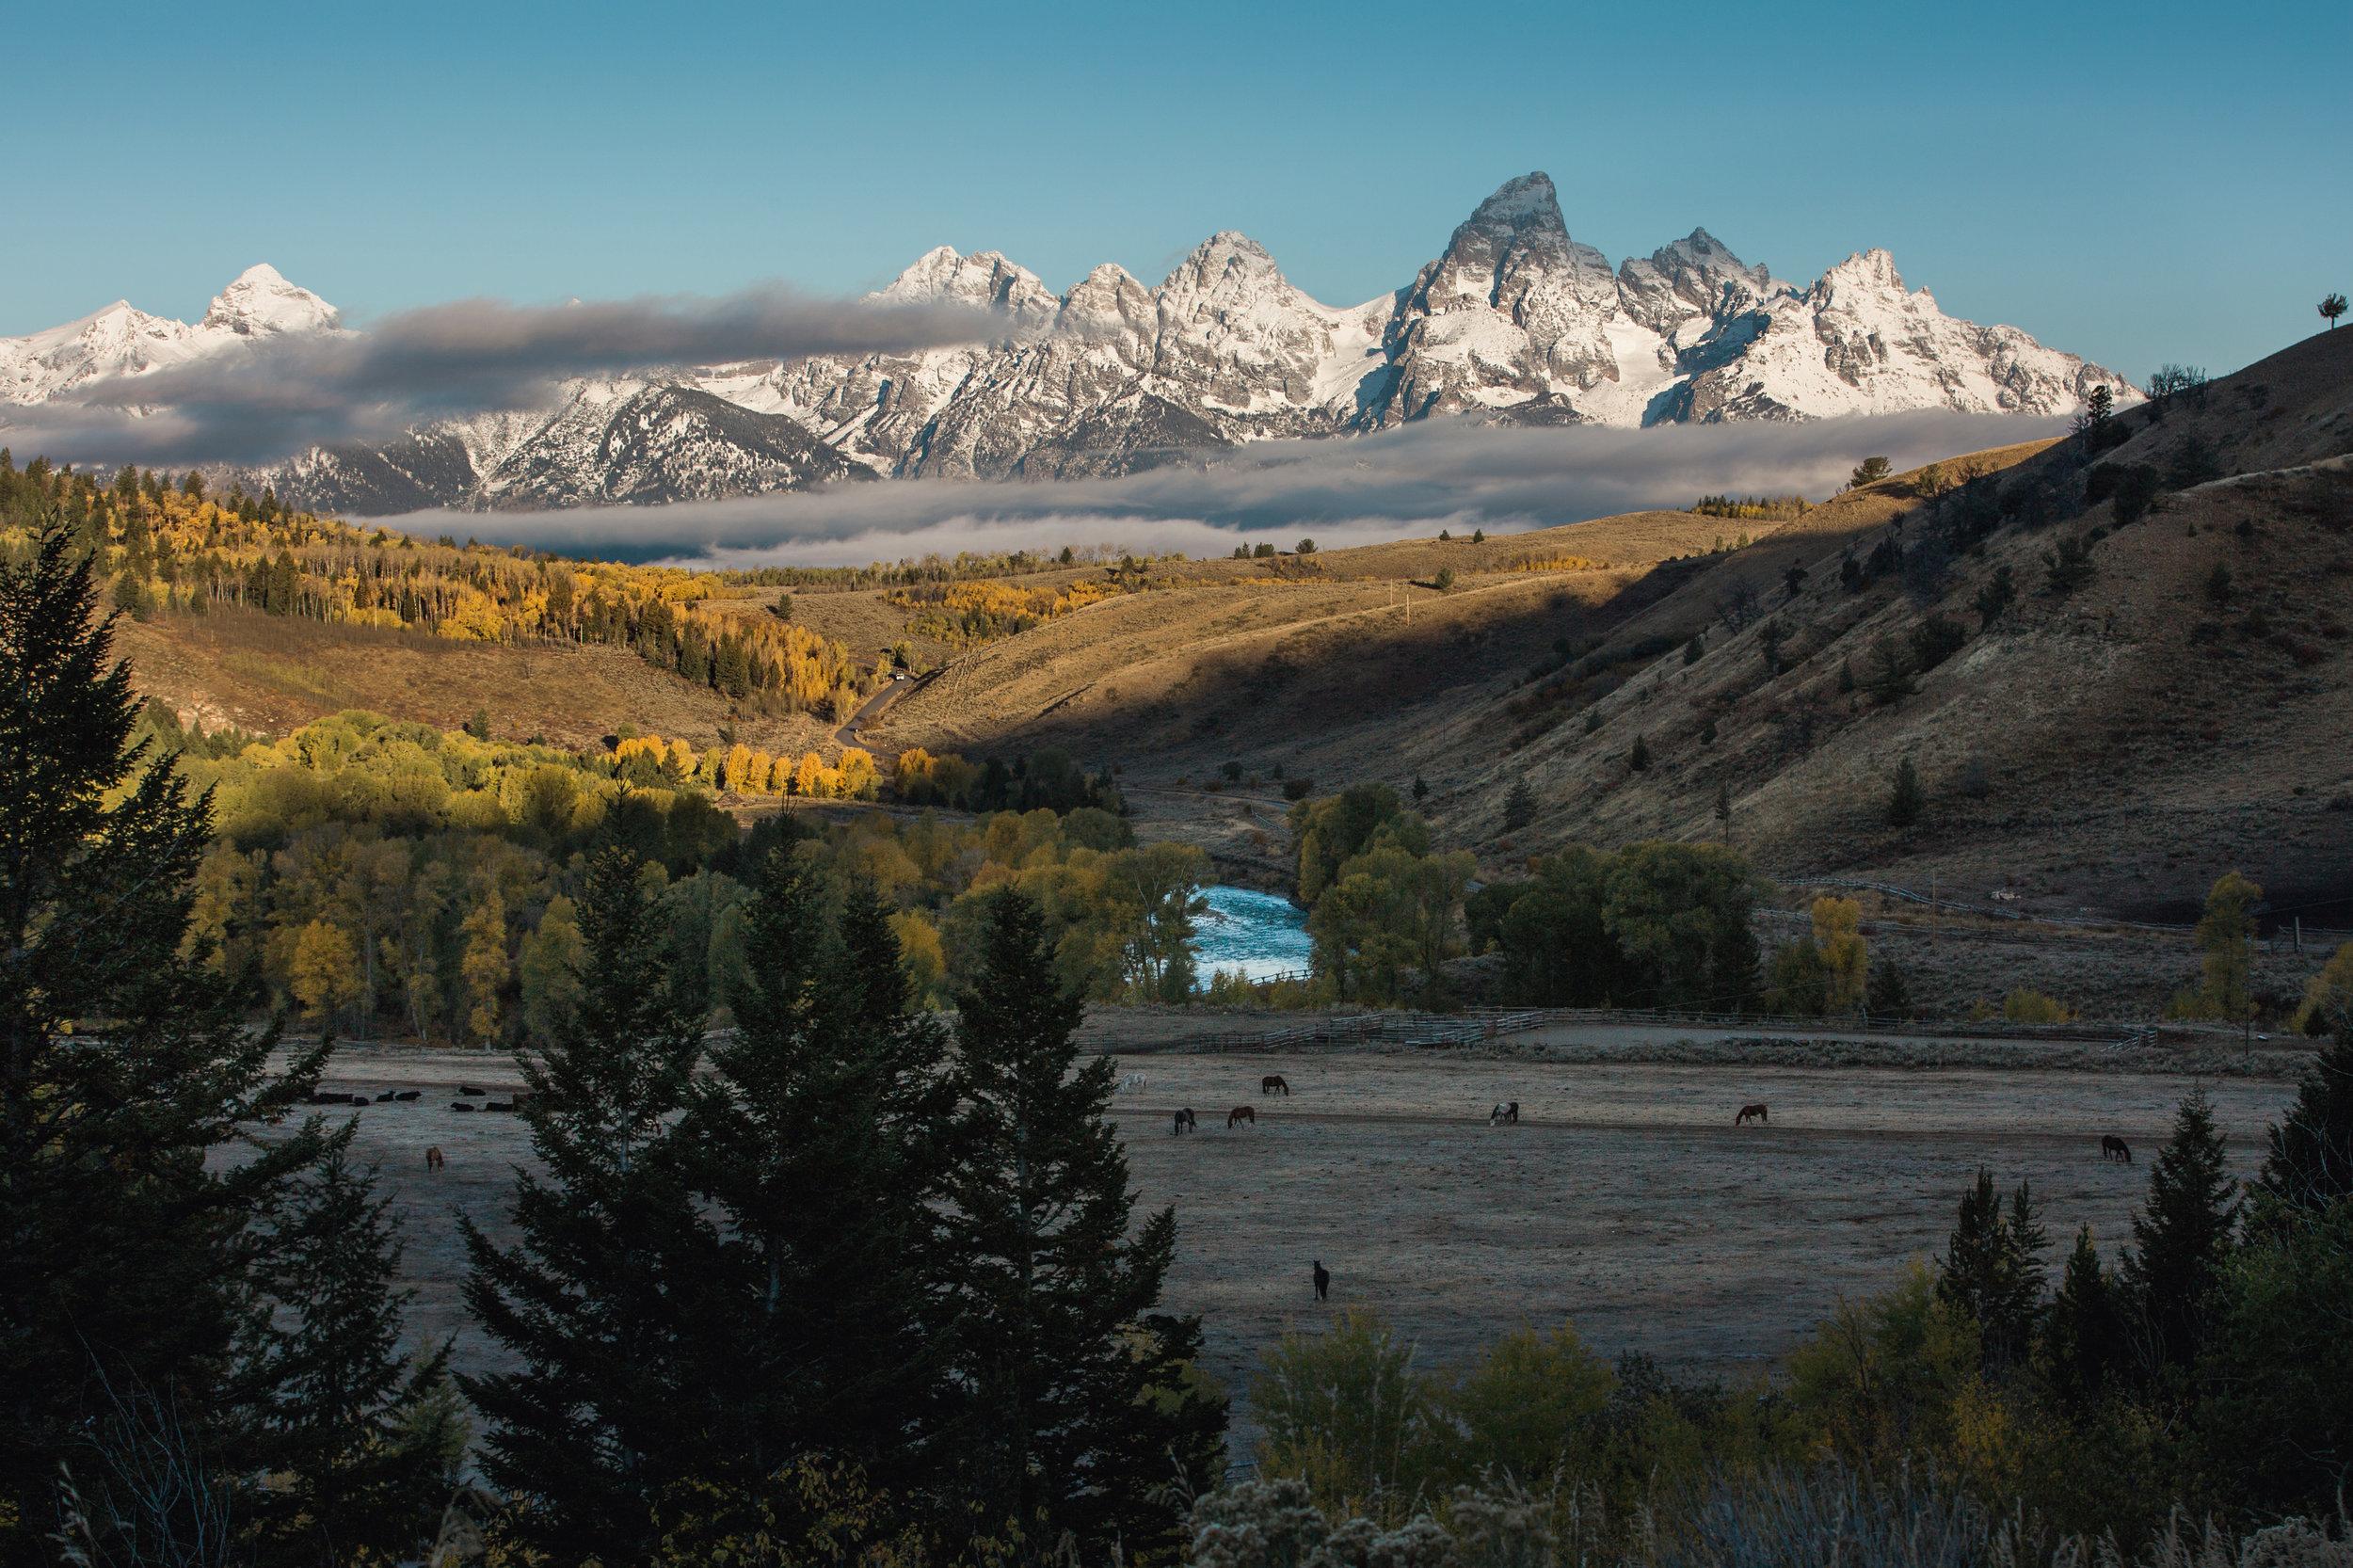 CindyGiovagnoli_Grand_Teton_National_Park_mountains_Bison_Autumn_Wyoming_Mormon_Row_aspens_fall_outdoor_photographer-033.jpg